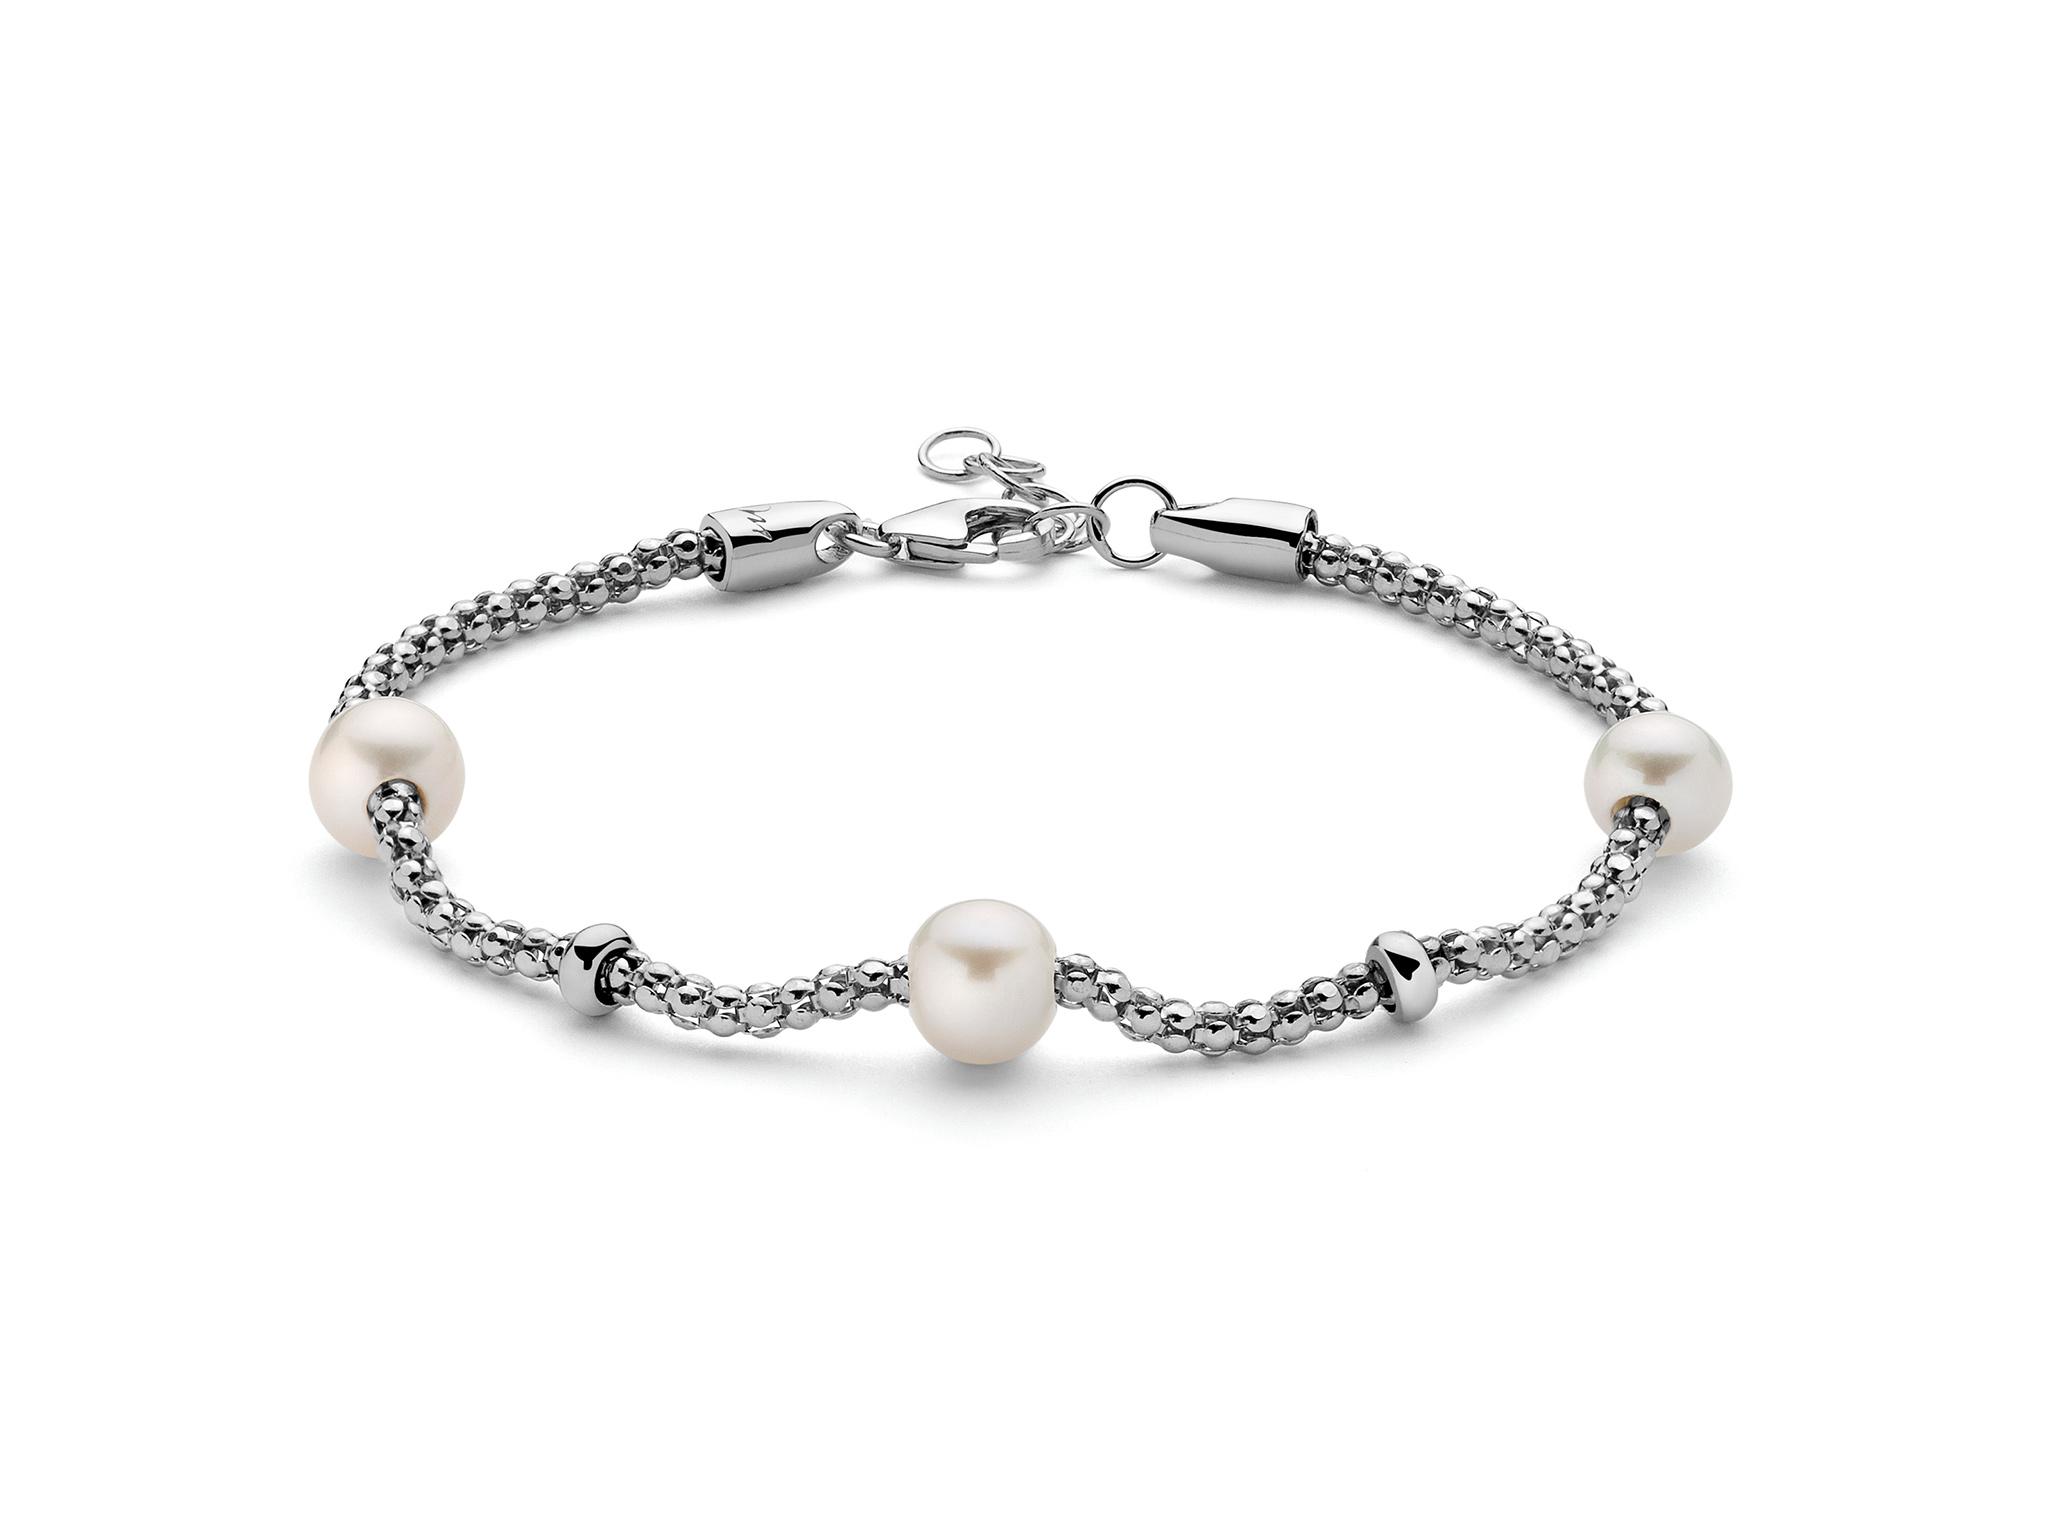 Bracciale con maglia coreana in argento con perle - PBR2989